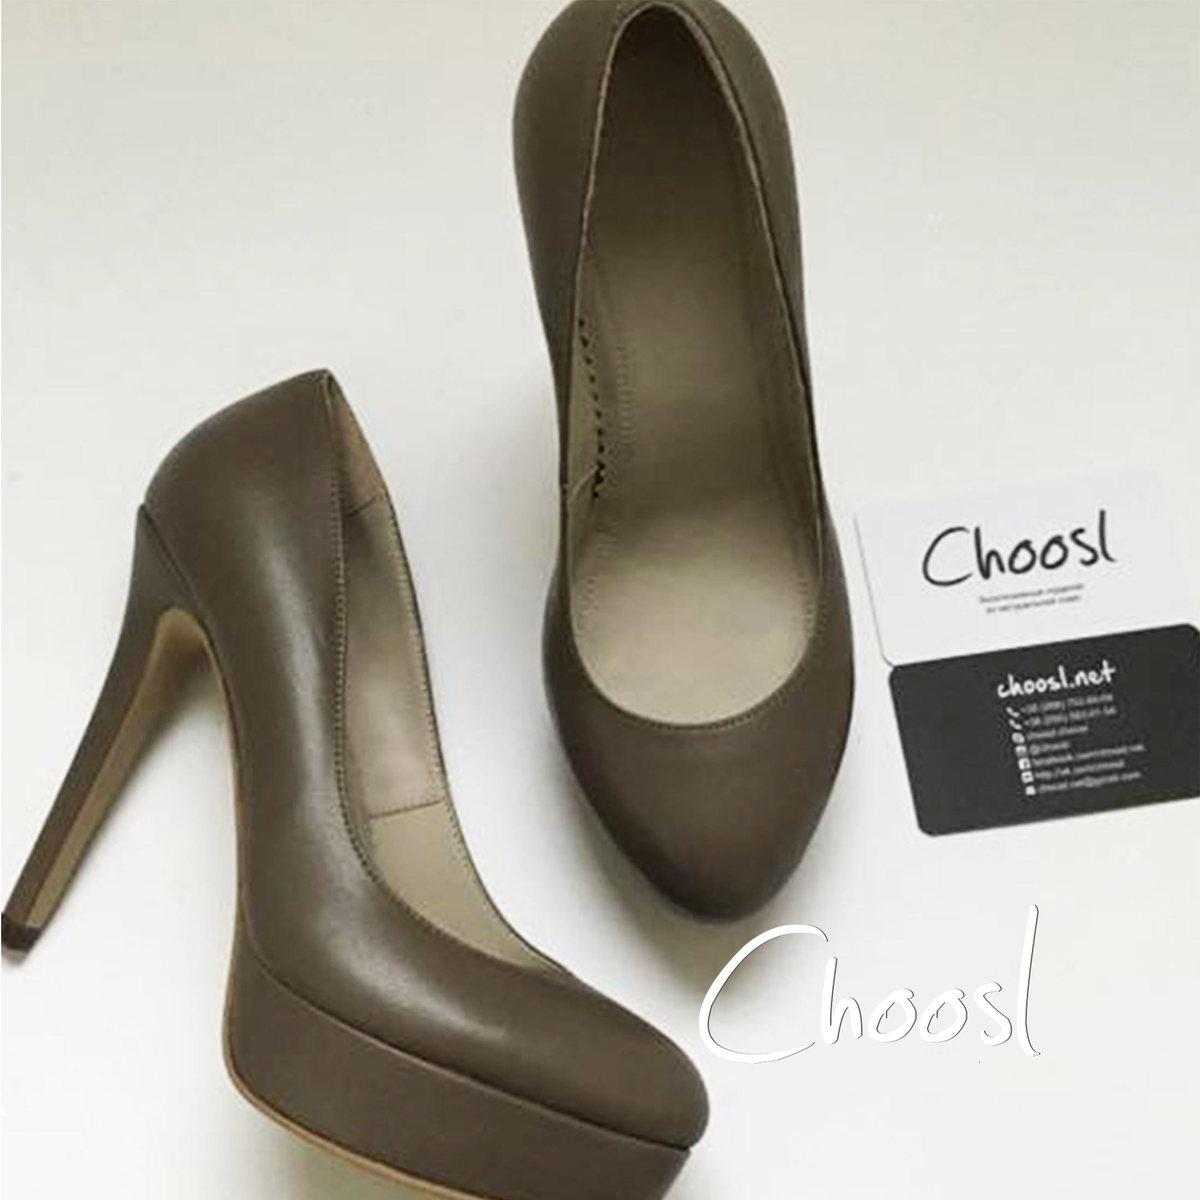 Бренд Choosl створює взуття в першу чергу для комфорту та впевненості в  кожному вашому кроці. Також вони пропонують приємні бонуси. dab1990e21145